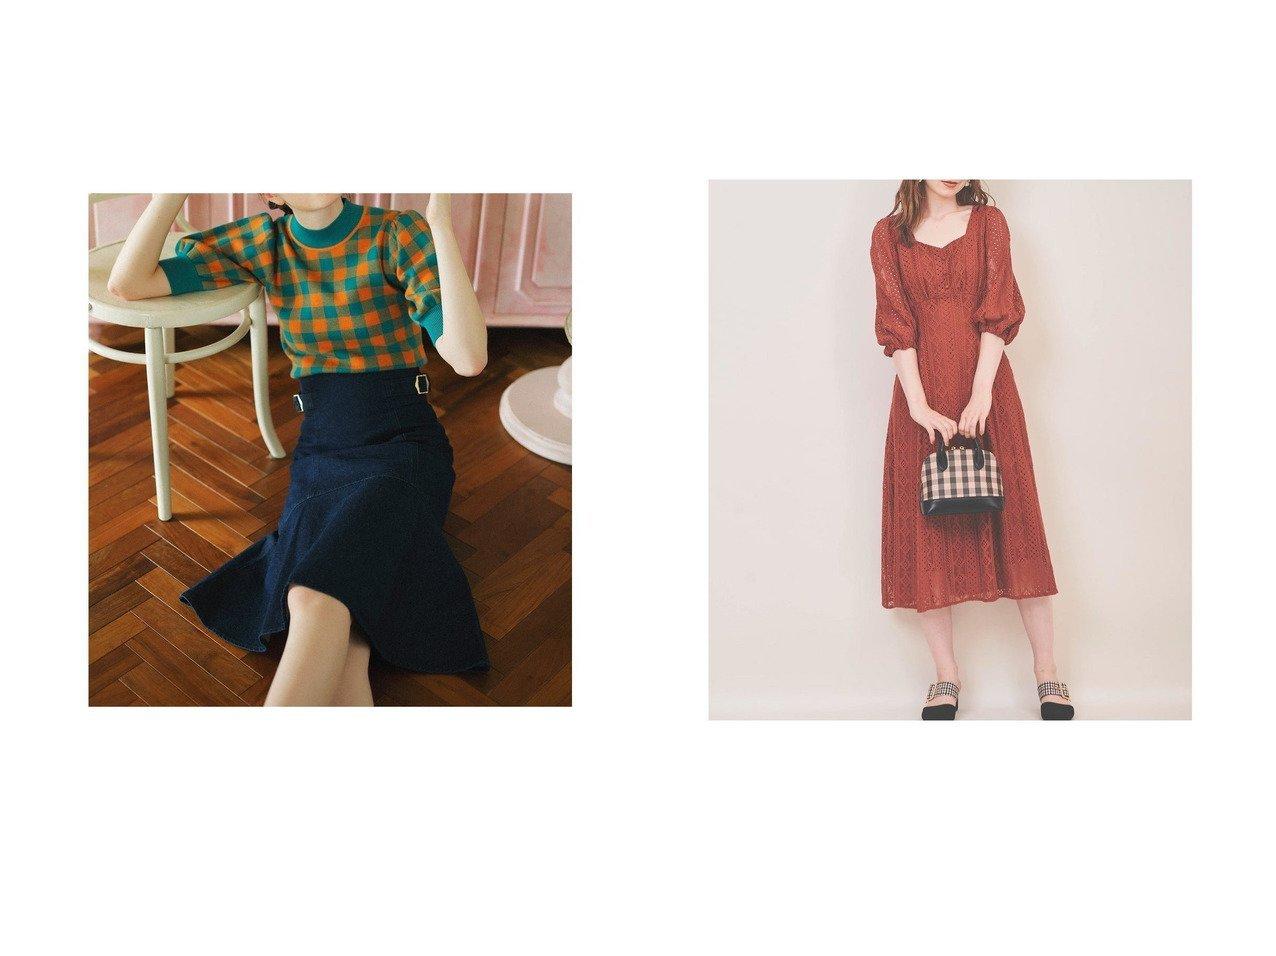 【31 Sons de mode/トランテアン ソン ドゥ モード】のデニムマーメイドスカート&バックレースアップワンピース おすすめ!人気、トレンド・レディースファッションの通販 おすすめで人気の流行・トレンド、ファッションの通販商品 インテリア・家具・メンズファッション・キッズファッション・レディースファッション・服の通販 founy(ファニー) https://founy.com/ ファッション Fashion レディースファッション WOMEN スカート Skirt ワンピース Dress 2021年 2021 2021-2022秋冬・A/W AW・Autumn/Winter・FW・Fall-Winter・2021-2022 A/W・秋冬 AW・Autumn/Winter・FW・Fall-Winter 冬 Winter おすすめ Recommend マーメイド フェミニン レース |ID:crp329100000072363